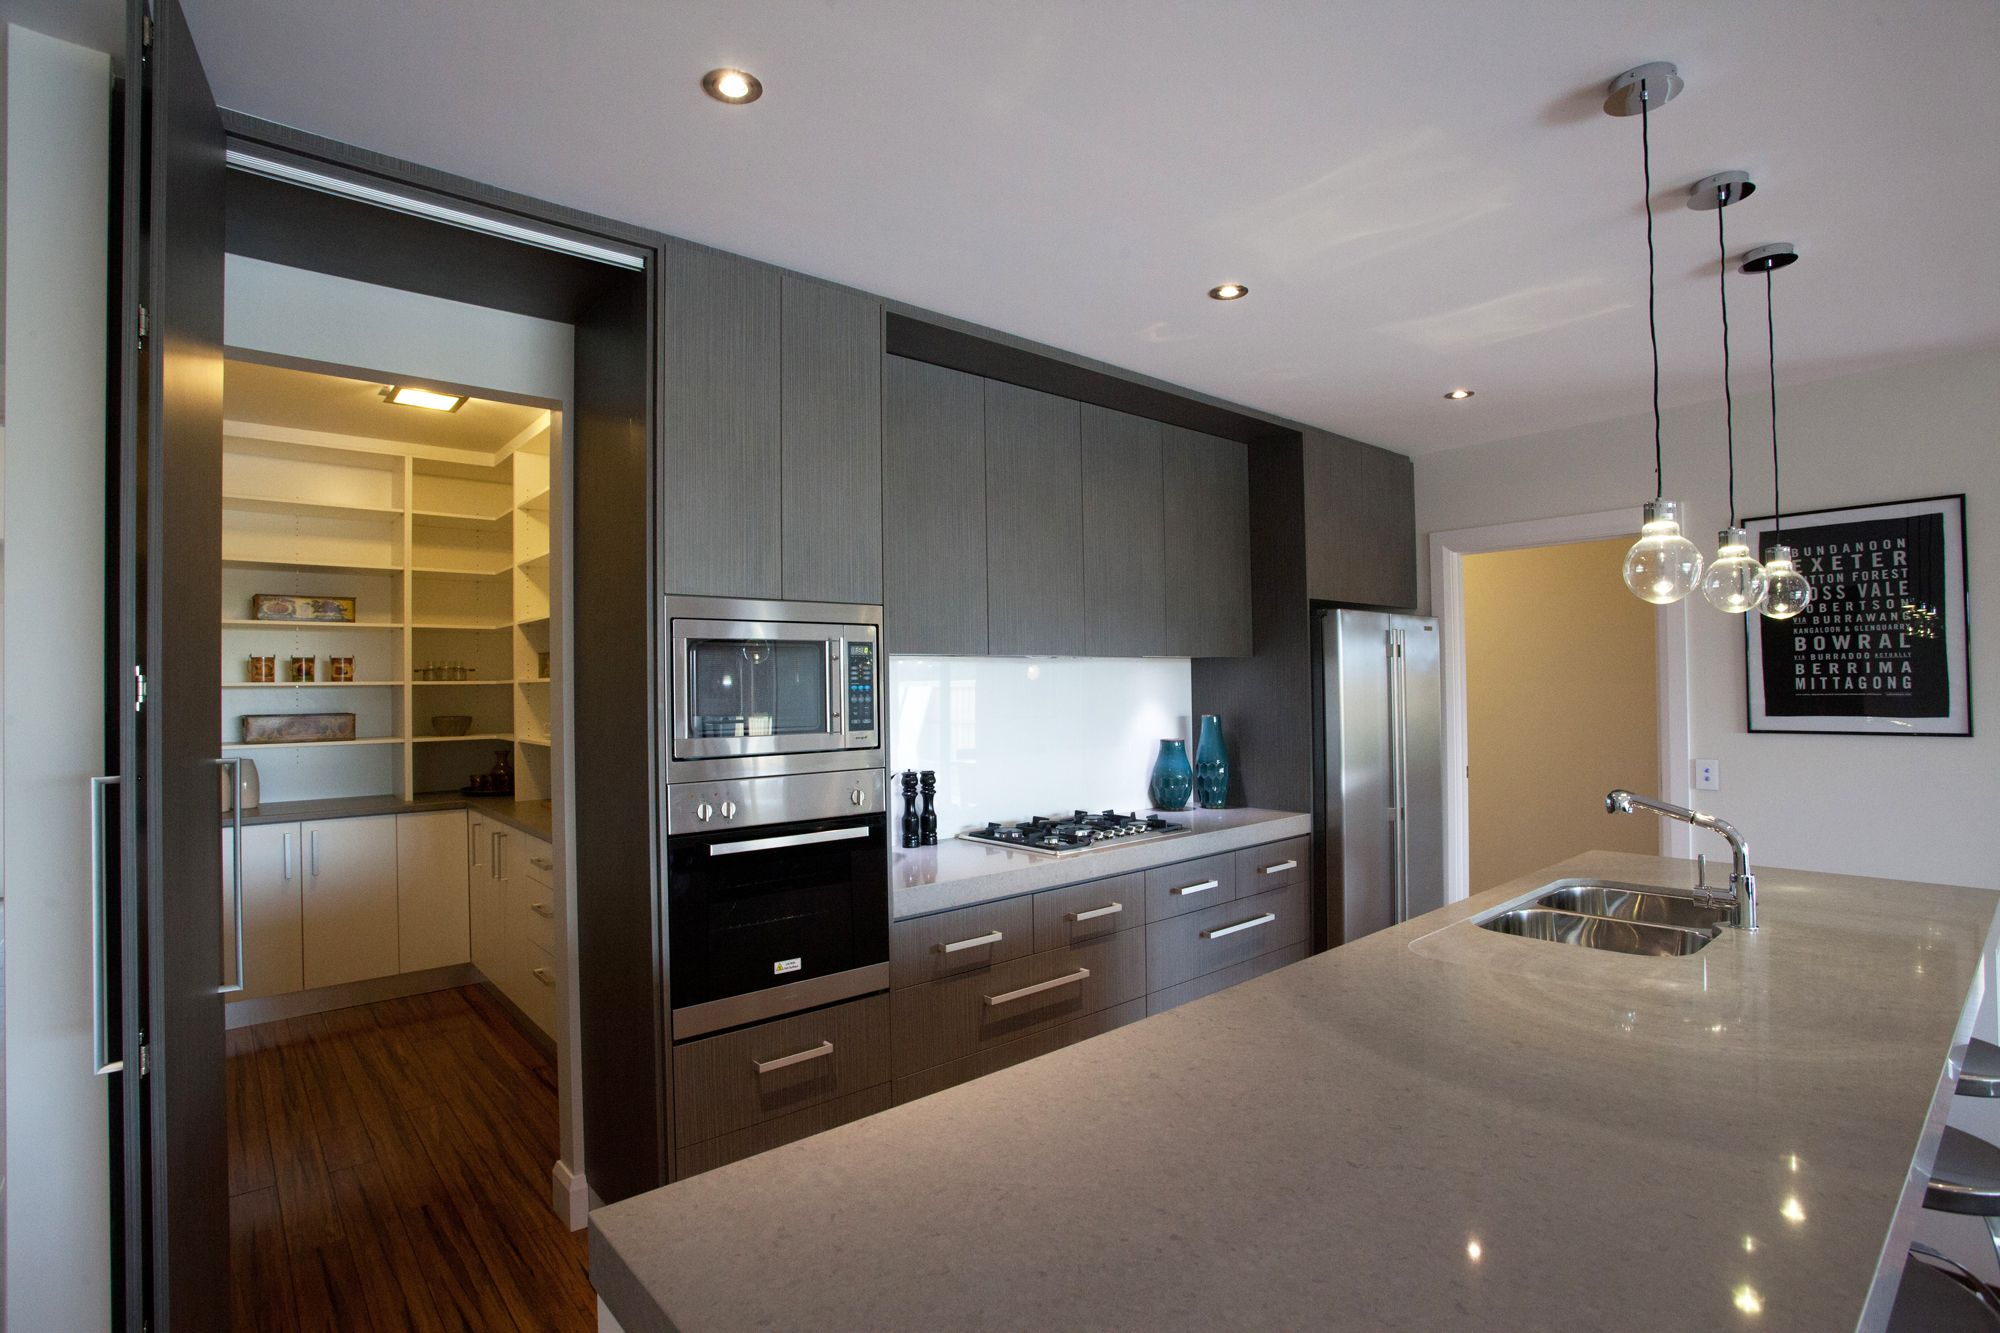 Wunderbar Küchenschranktüren Nz Bilder - Ideen Für Die Küche ...